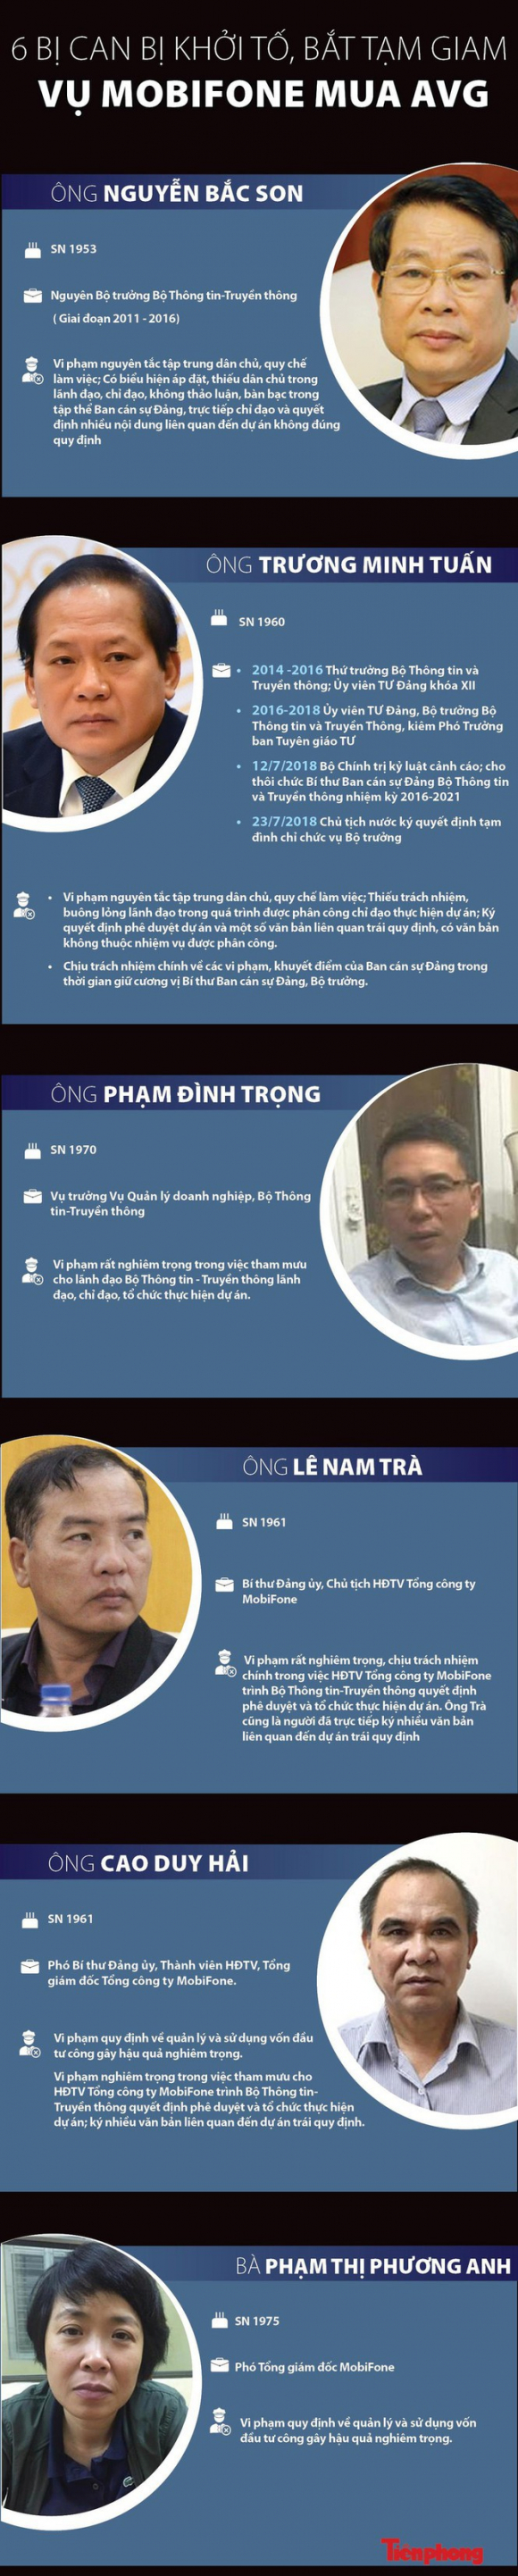 Cựu Chủ tịch Mobifone khai biếu Nguyễn Bắc Son 700.000 USD 'tiêu Tết' - ảnh 3